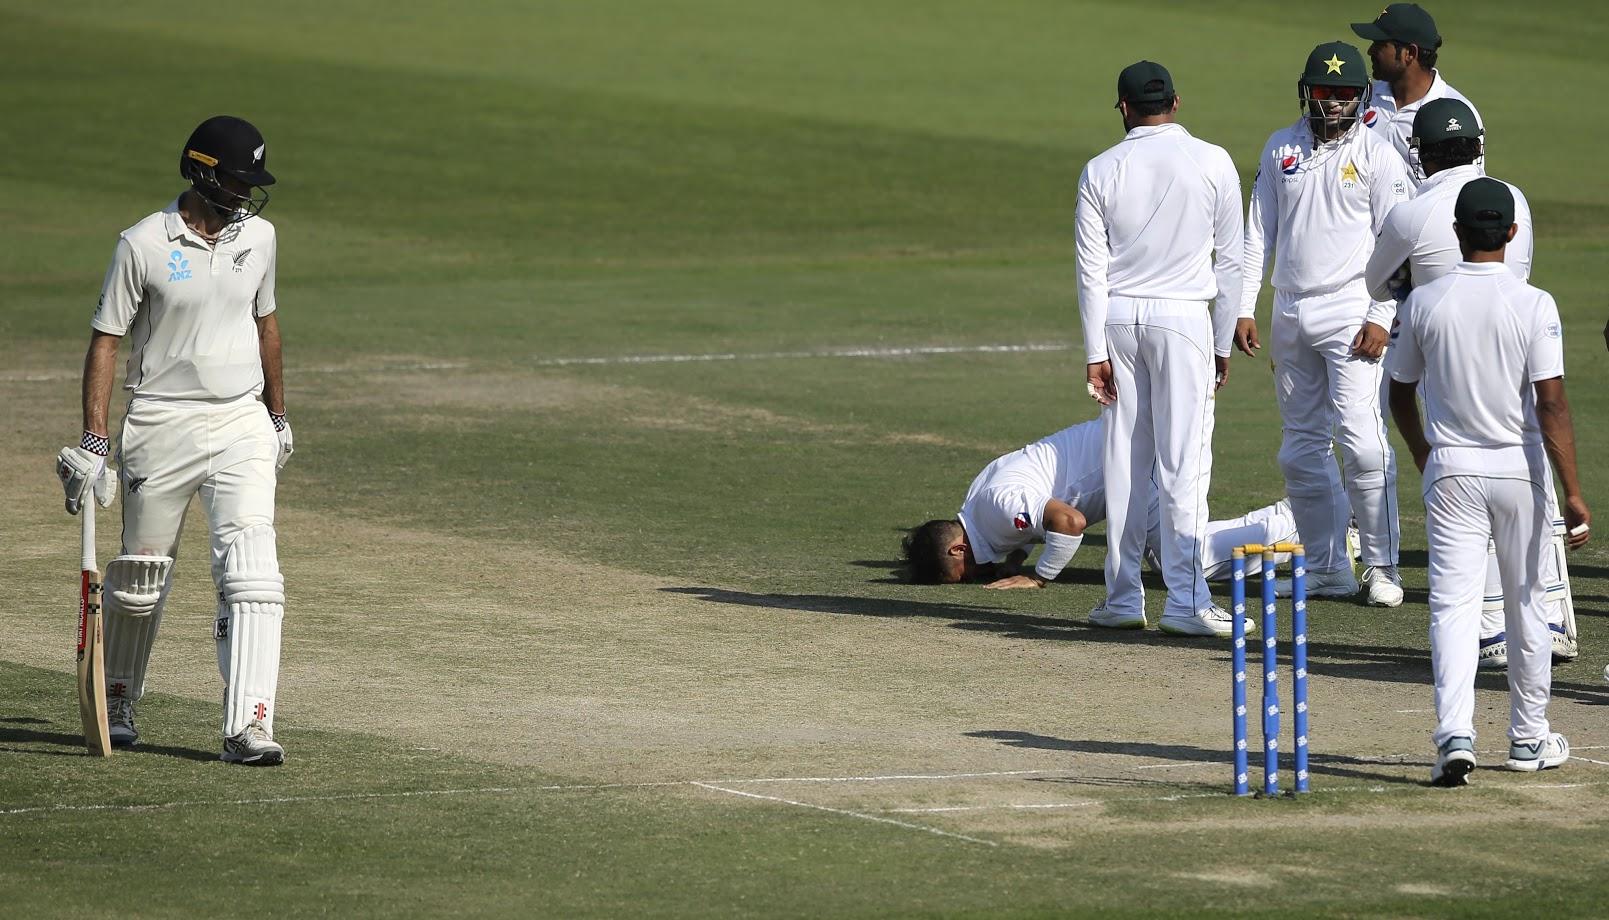 यासिरने फक्त ३३ कसोटी सामन्यात  २०० गडी बाद करण्याचा पराक्रम केला. कसोटी क्रिकेटमध्ये सर्वात जलद २०० विकेट घेण्याचा रेकॉर्ड आता यासिरच्या नावावर आहे.